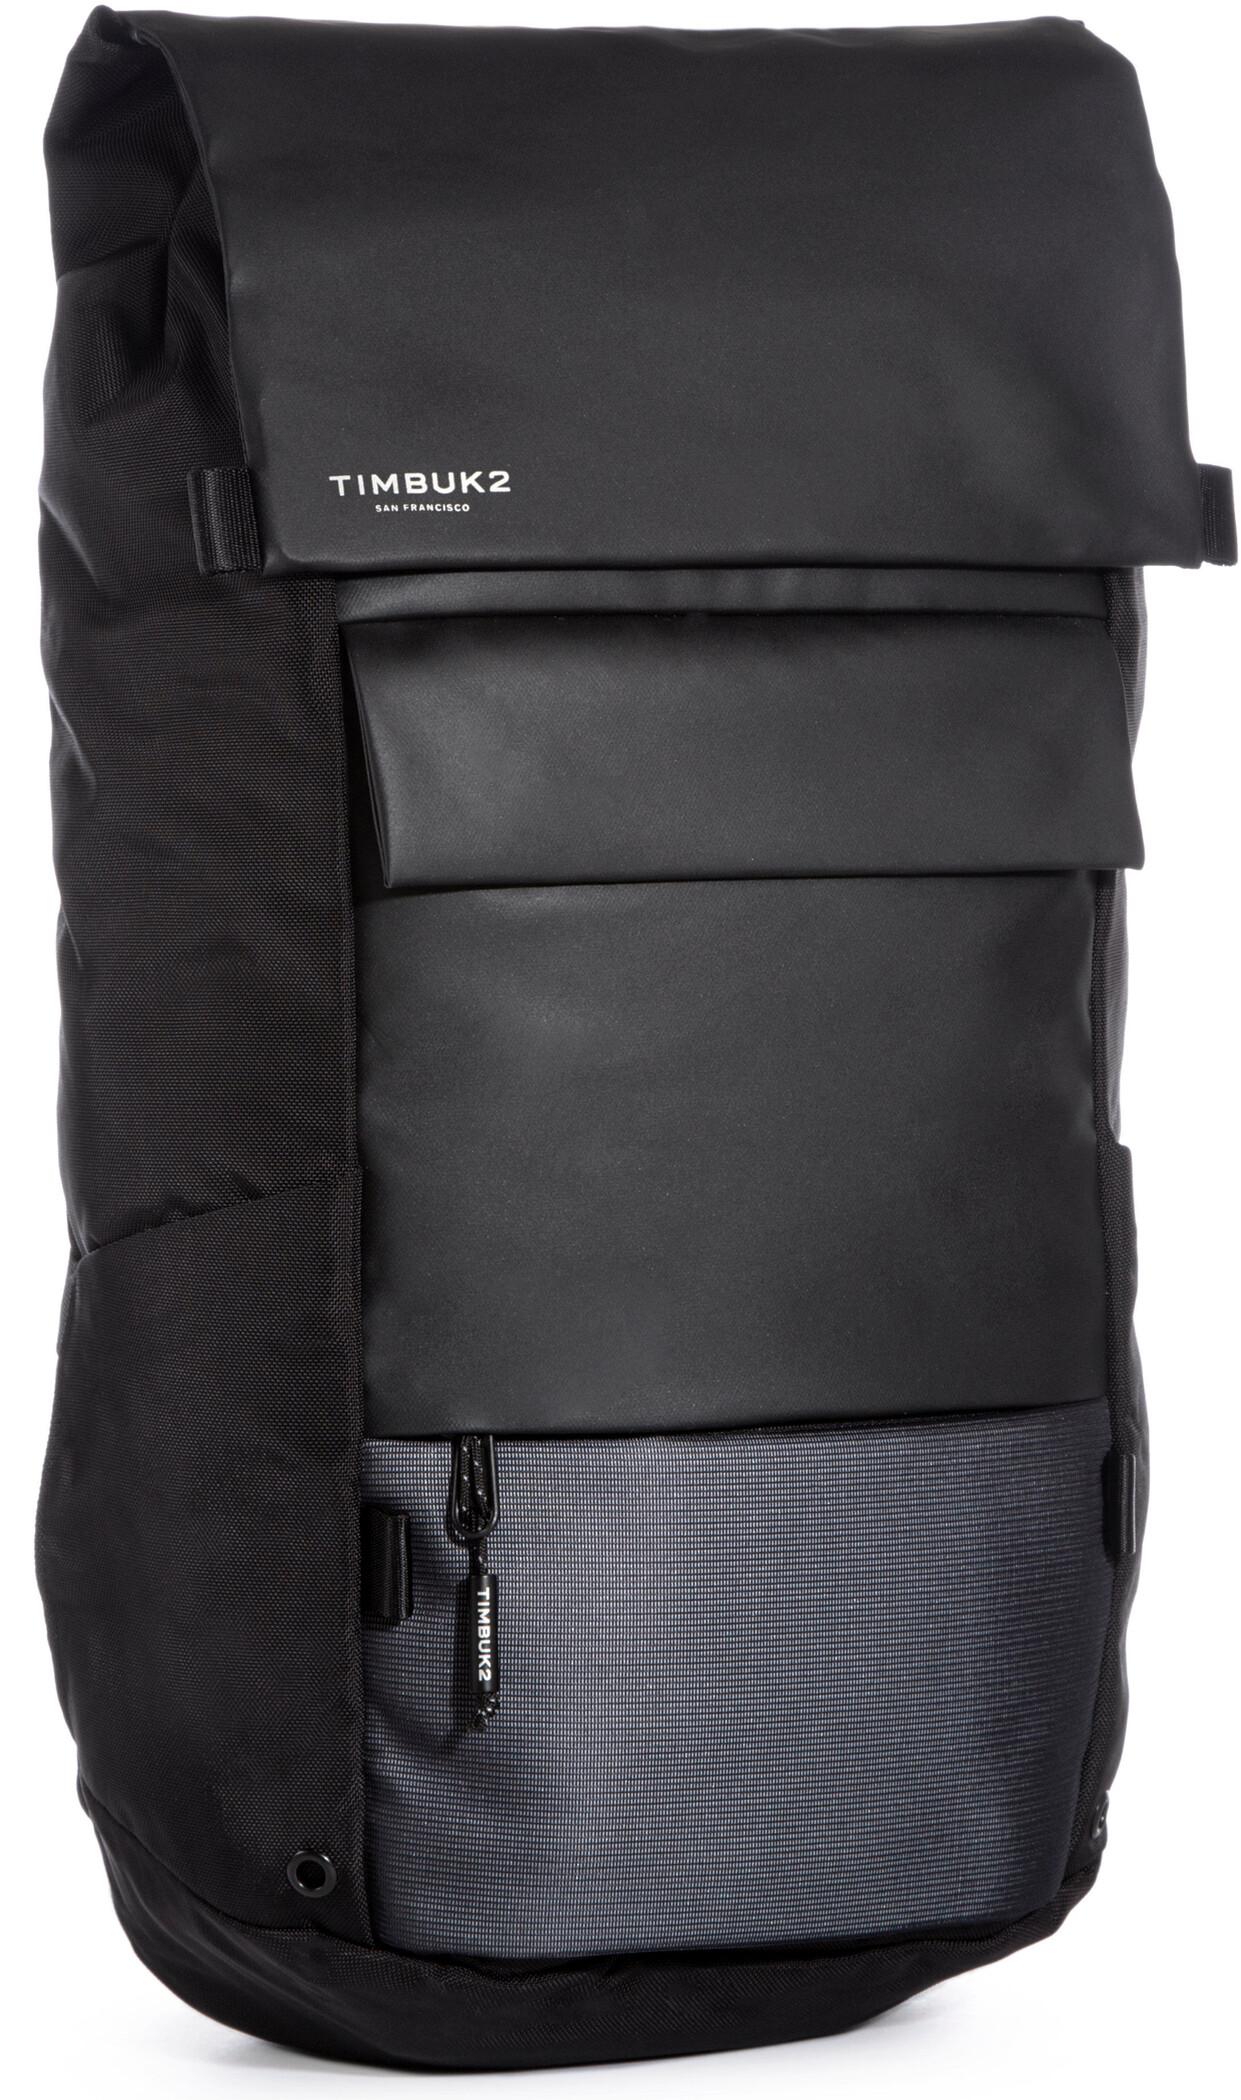 Timbuk2 Robin Pack Rygsæk, jet black (2019) | Travel bags